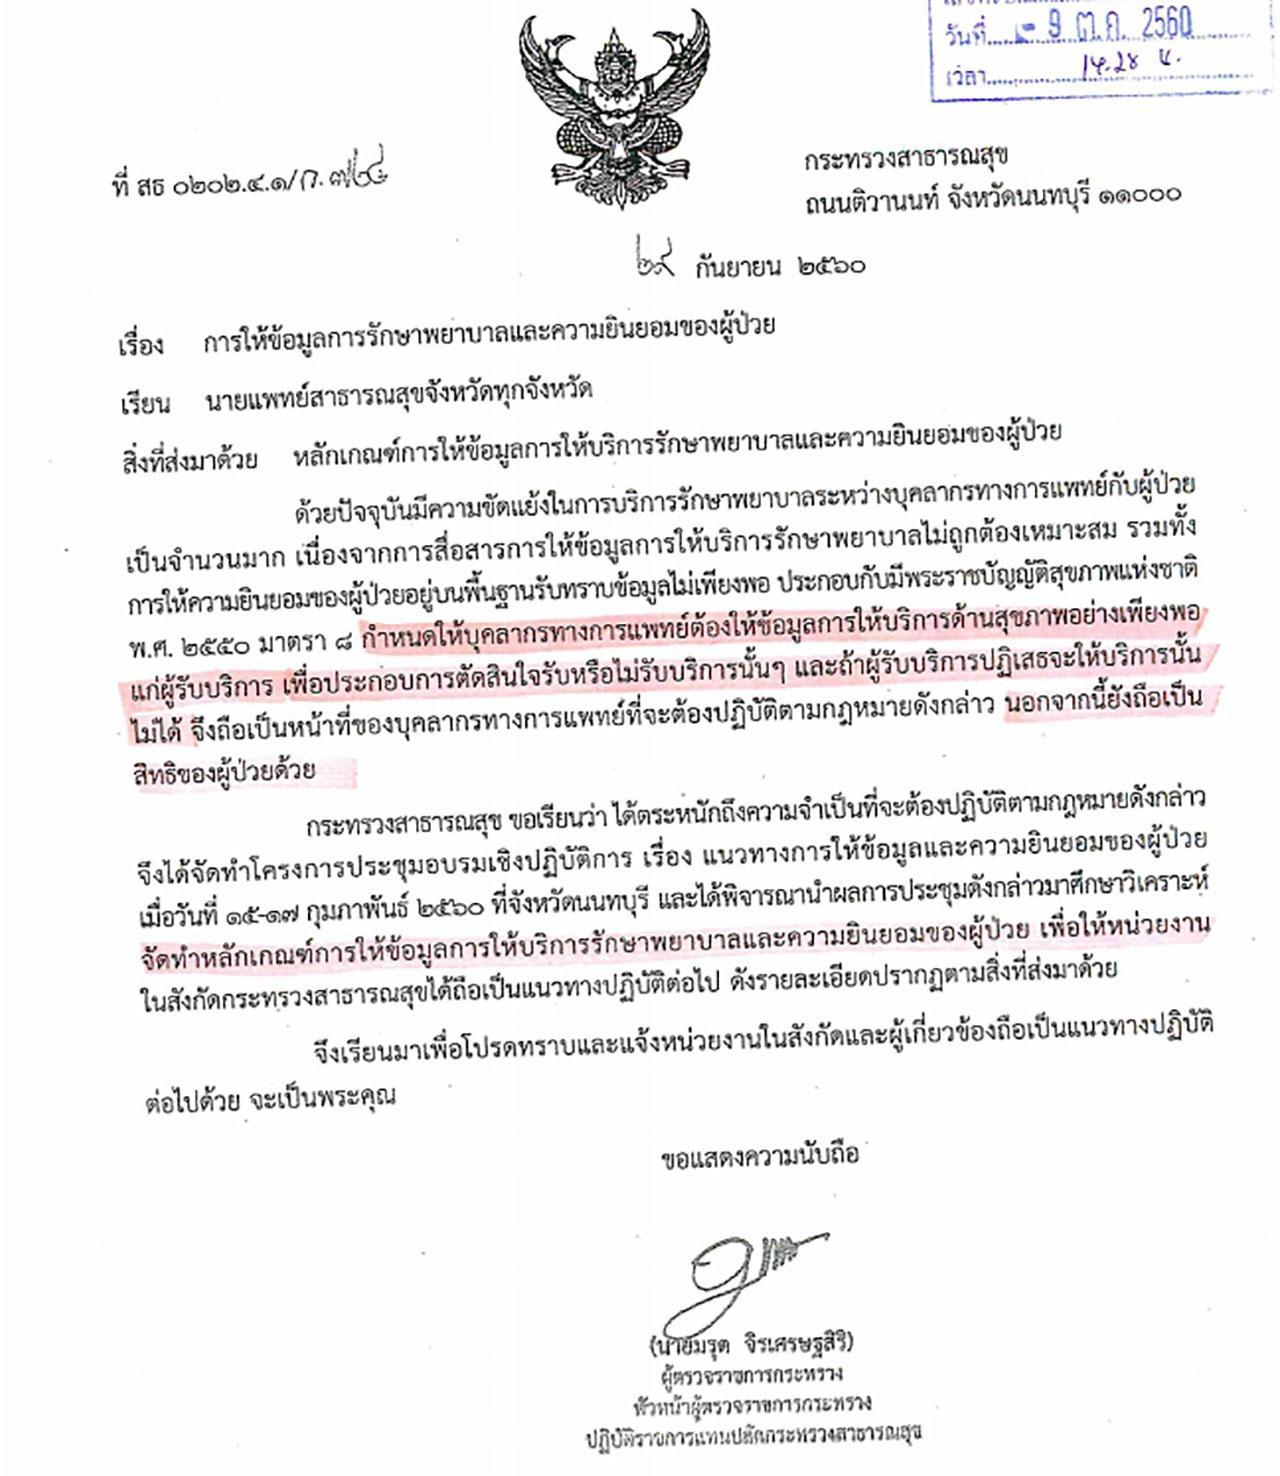 หนังสือราชการแจ้งให้แพทย์ทั่วไทยต้องให้ข้อมูลด้านสุขภาพกับคนไข้